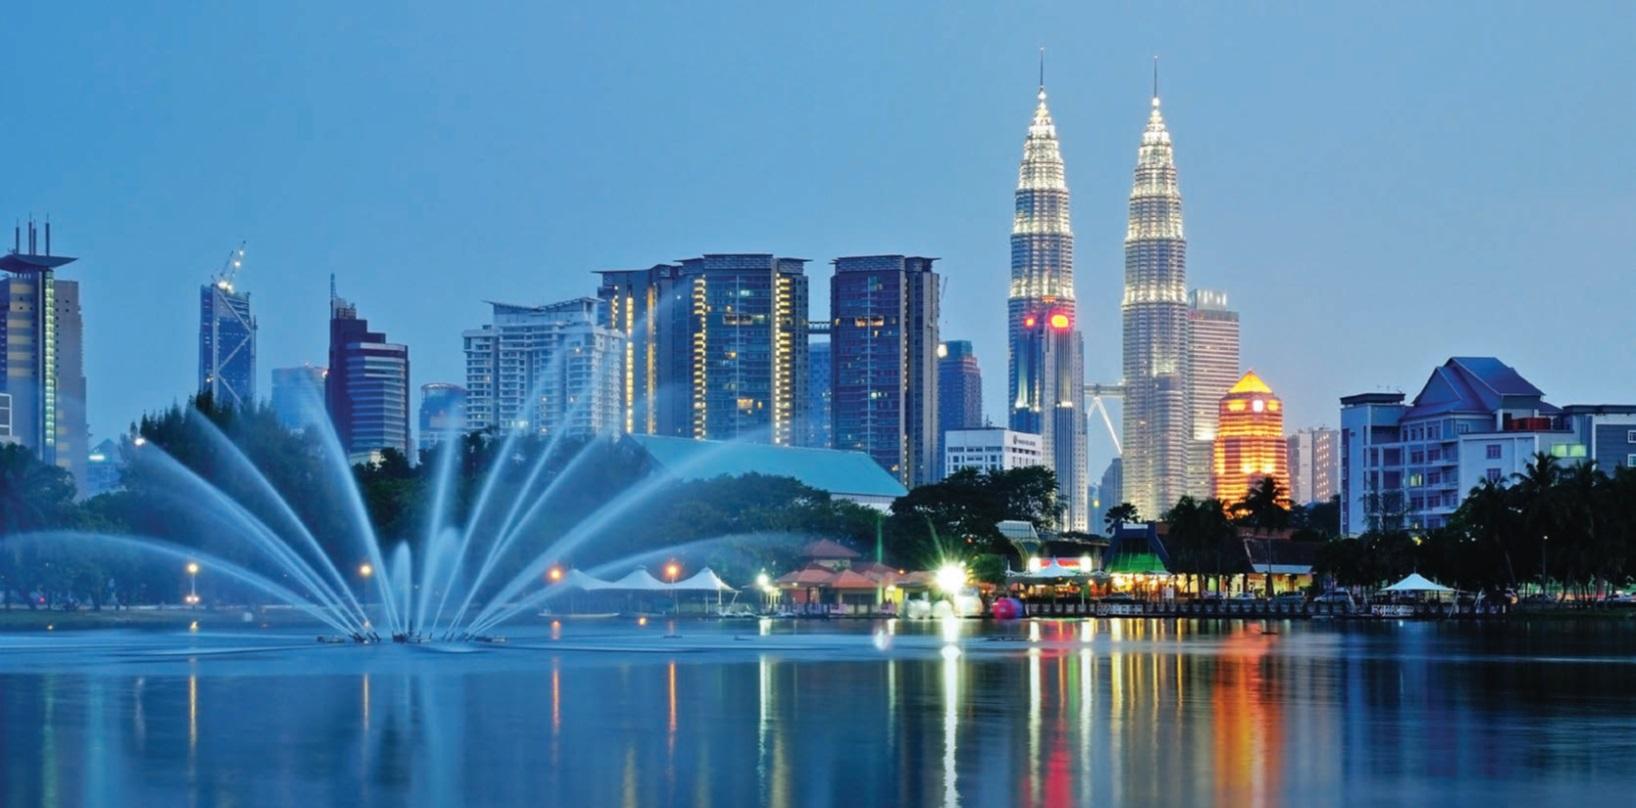 ماليزيا... 5 أماكن سياحية ينبغي عليك زيارتها